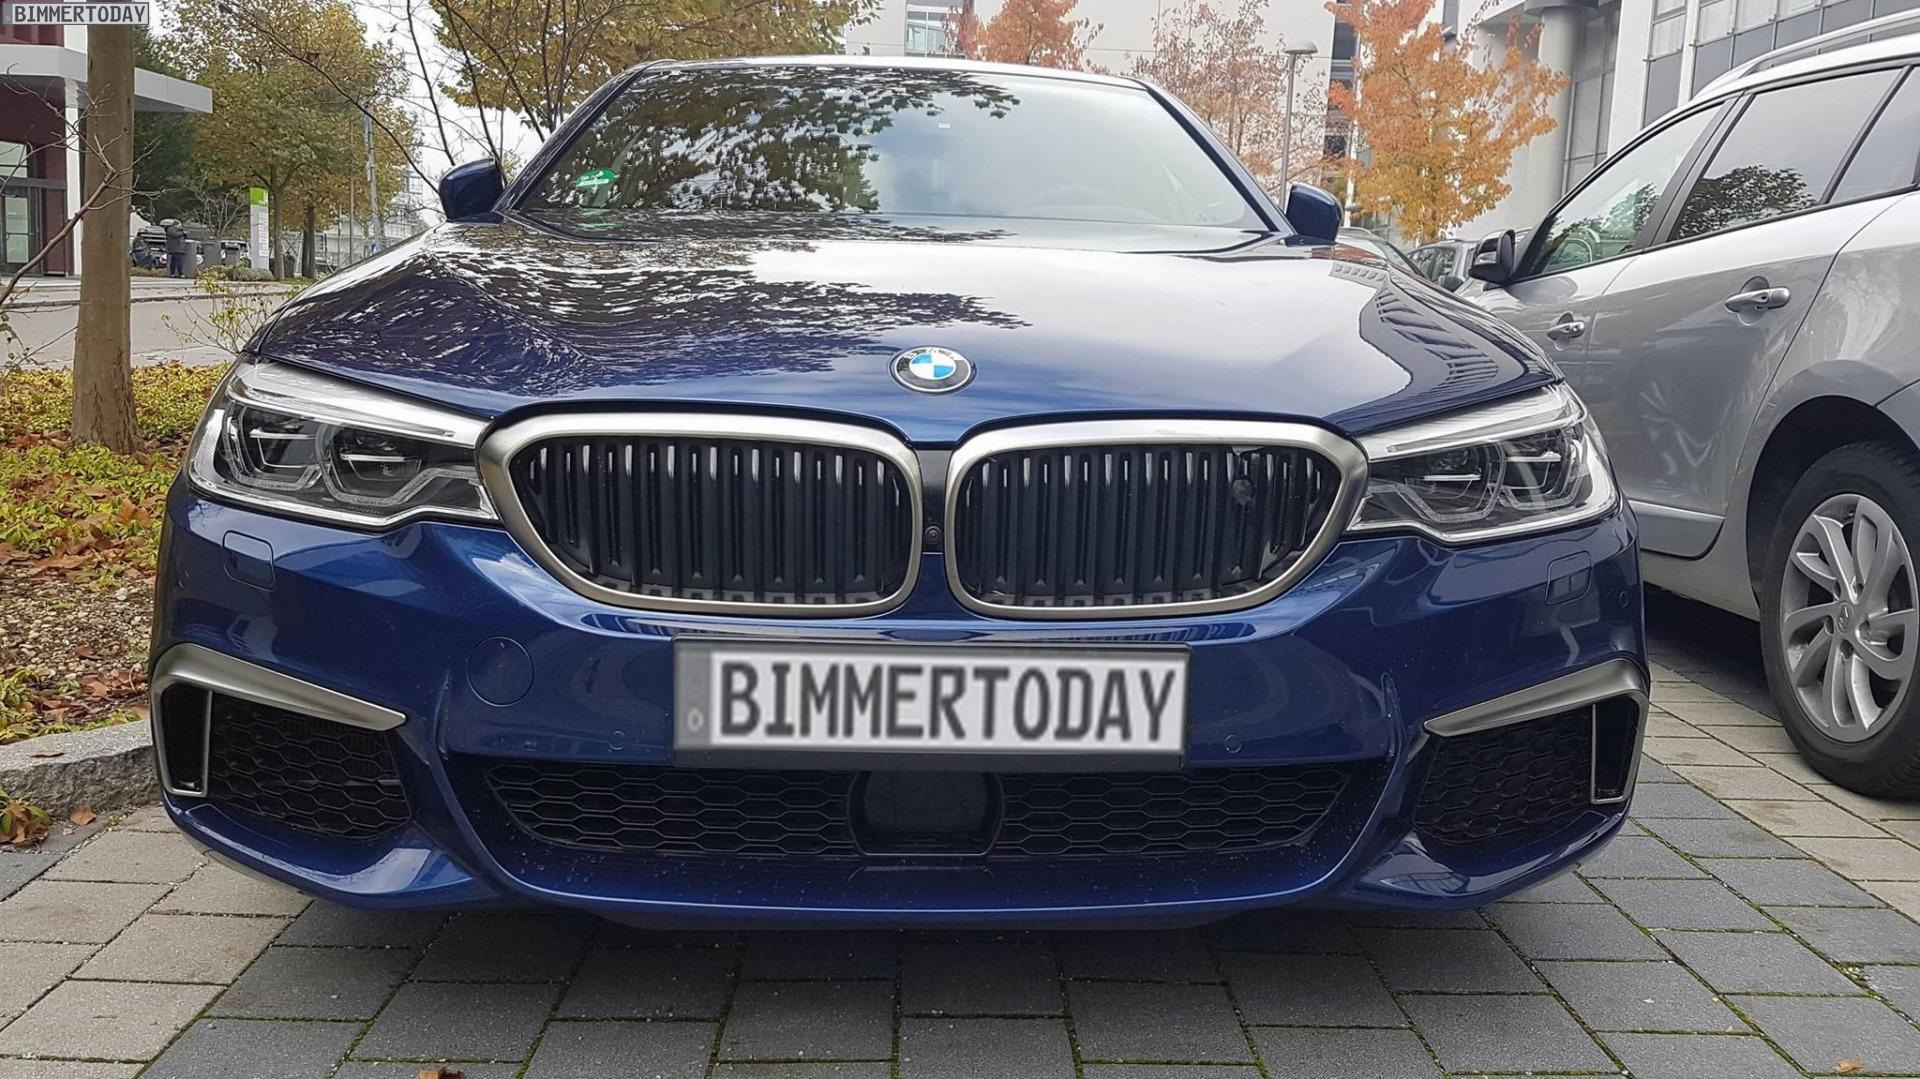 2017 Bmw M550i G30 Live Fotos 01 750x421